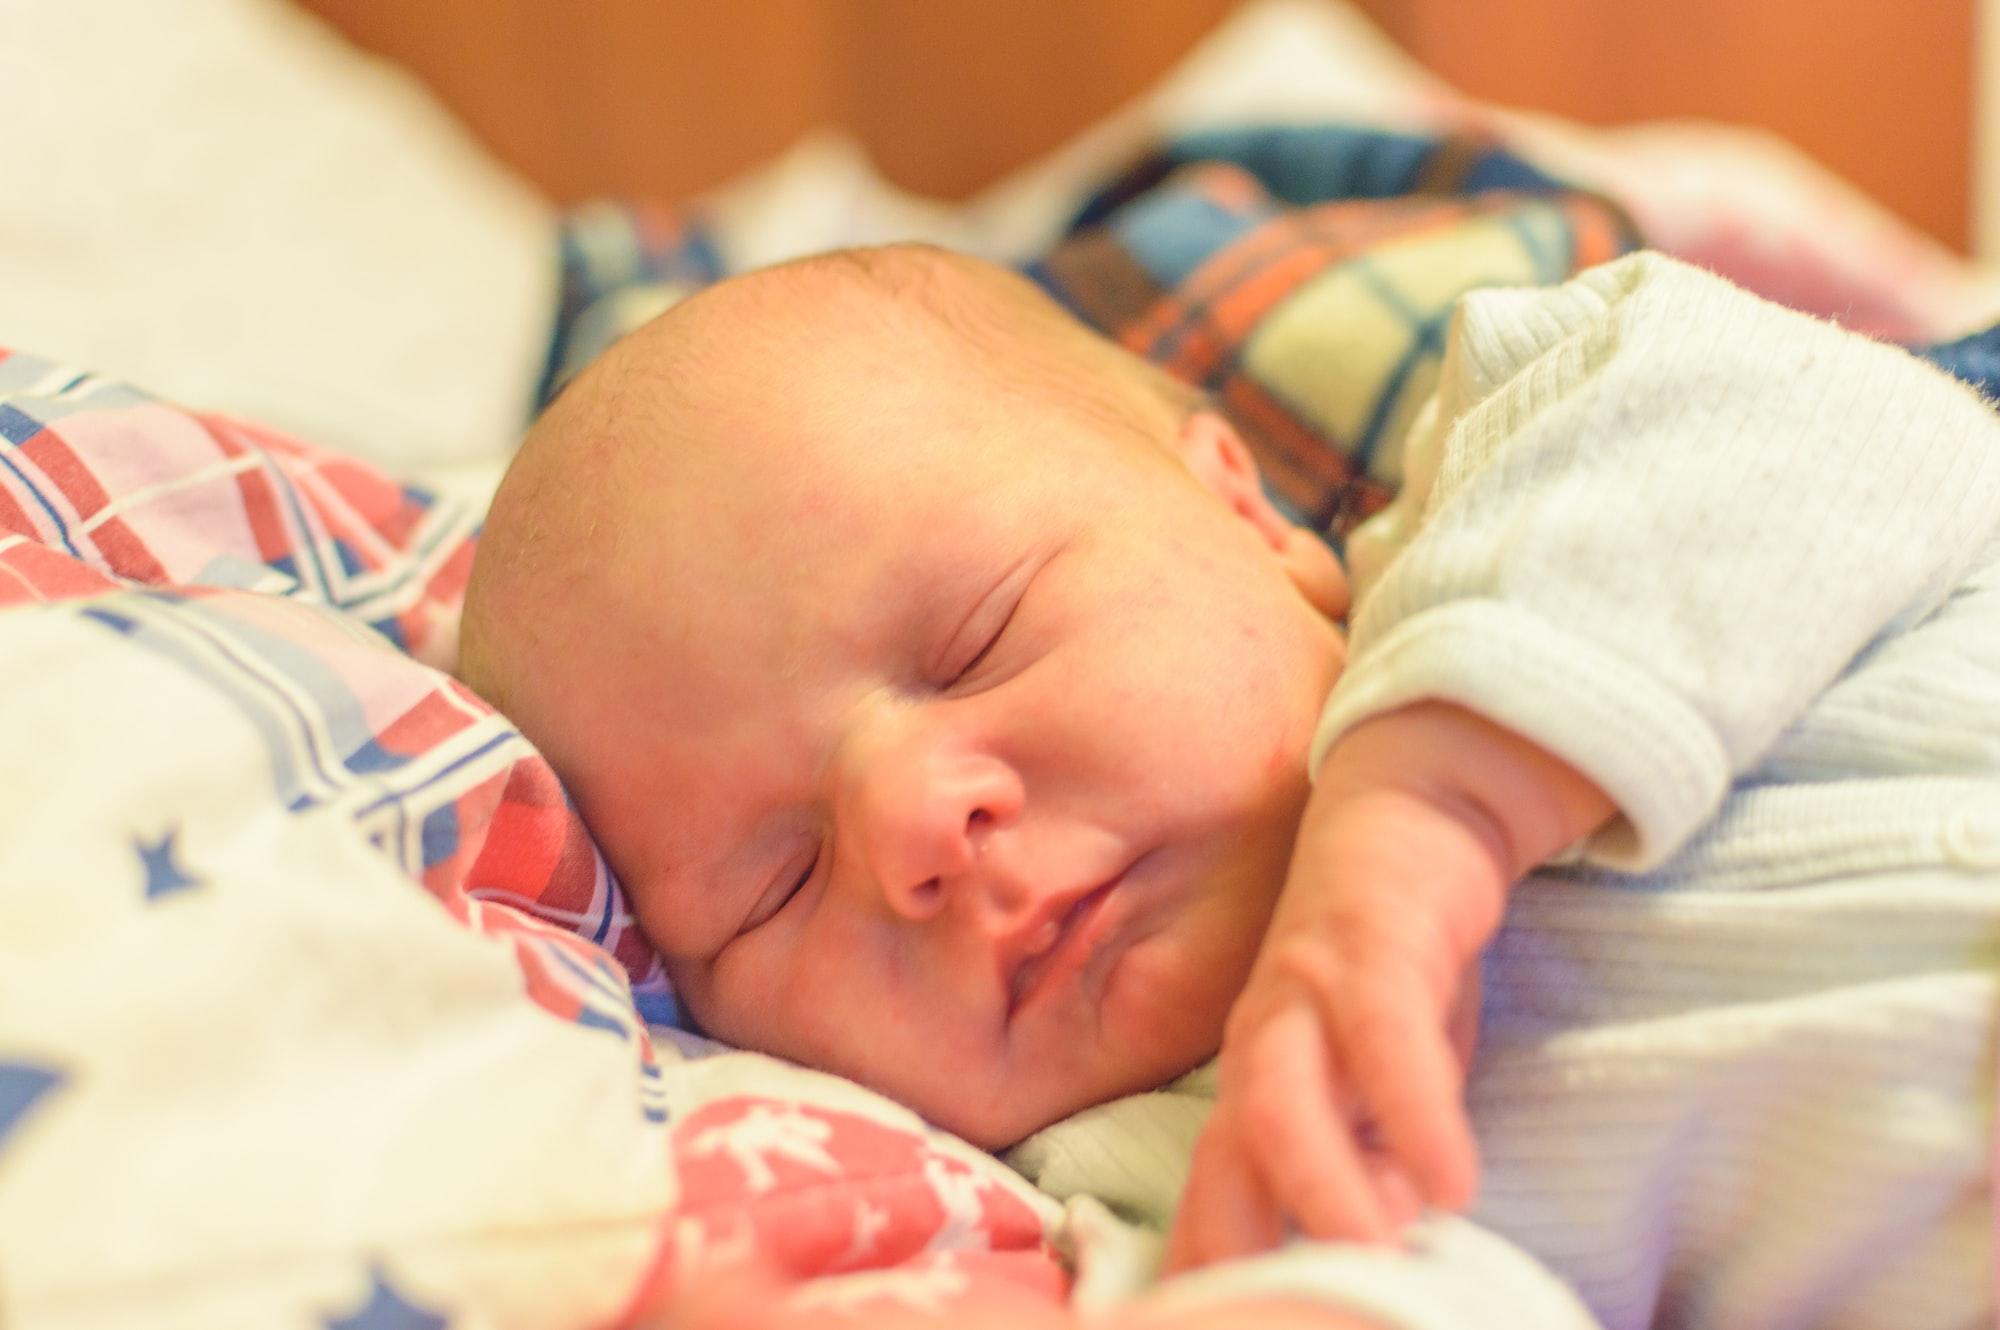 Comment dort votre bébé entre 0 et 1 an ?